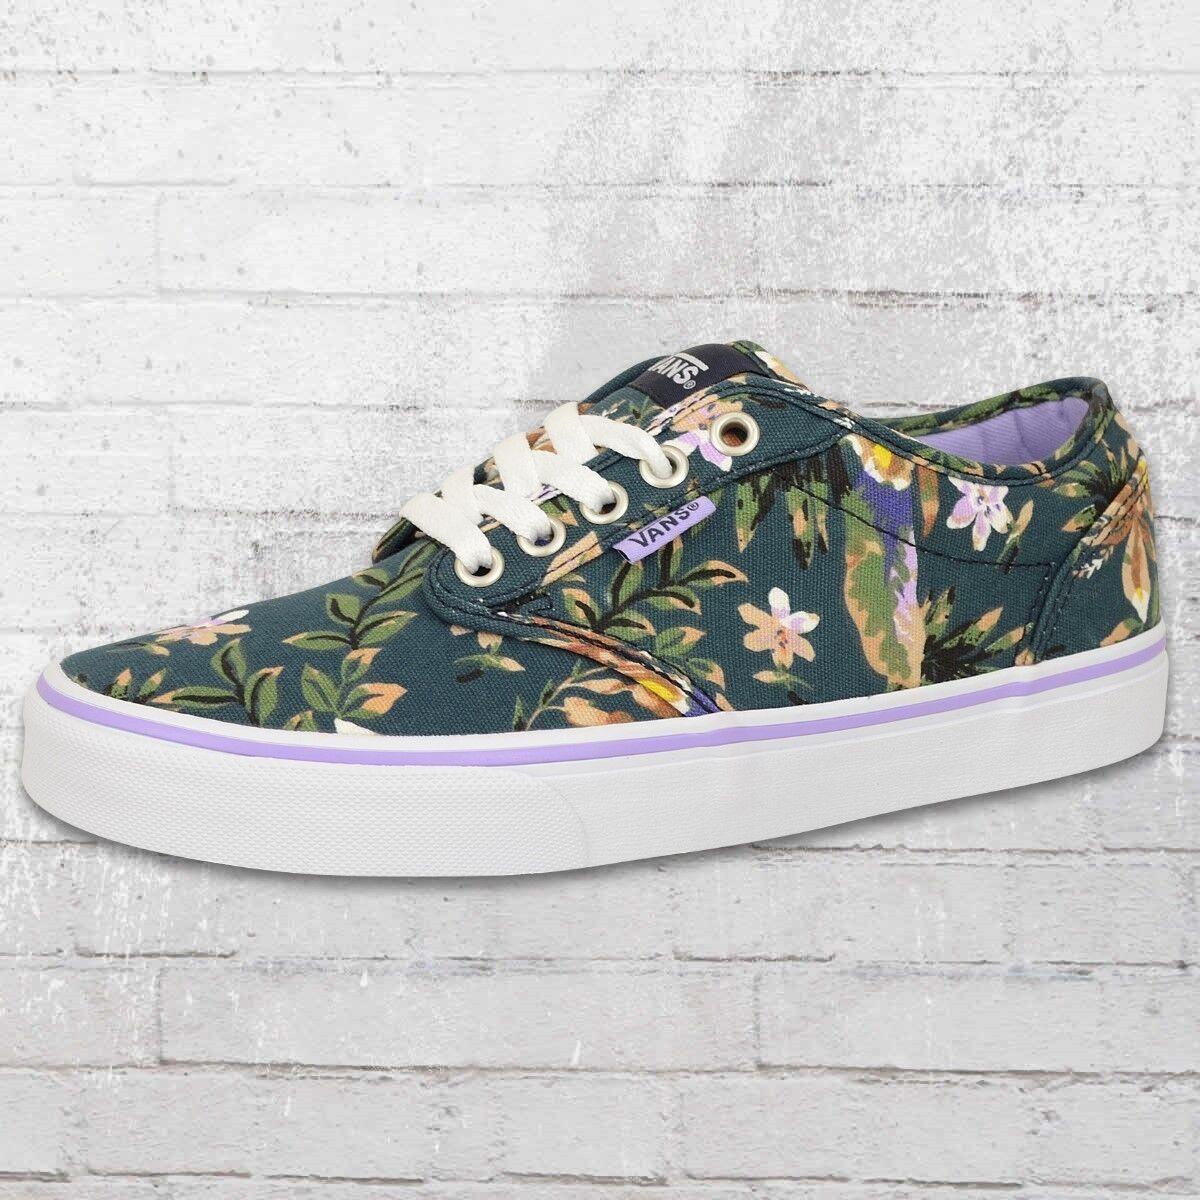 Vans cortos señora atwood floral azul multicolor mujeres zapatos verano zapatos Ladies